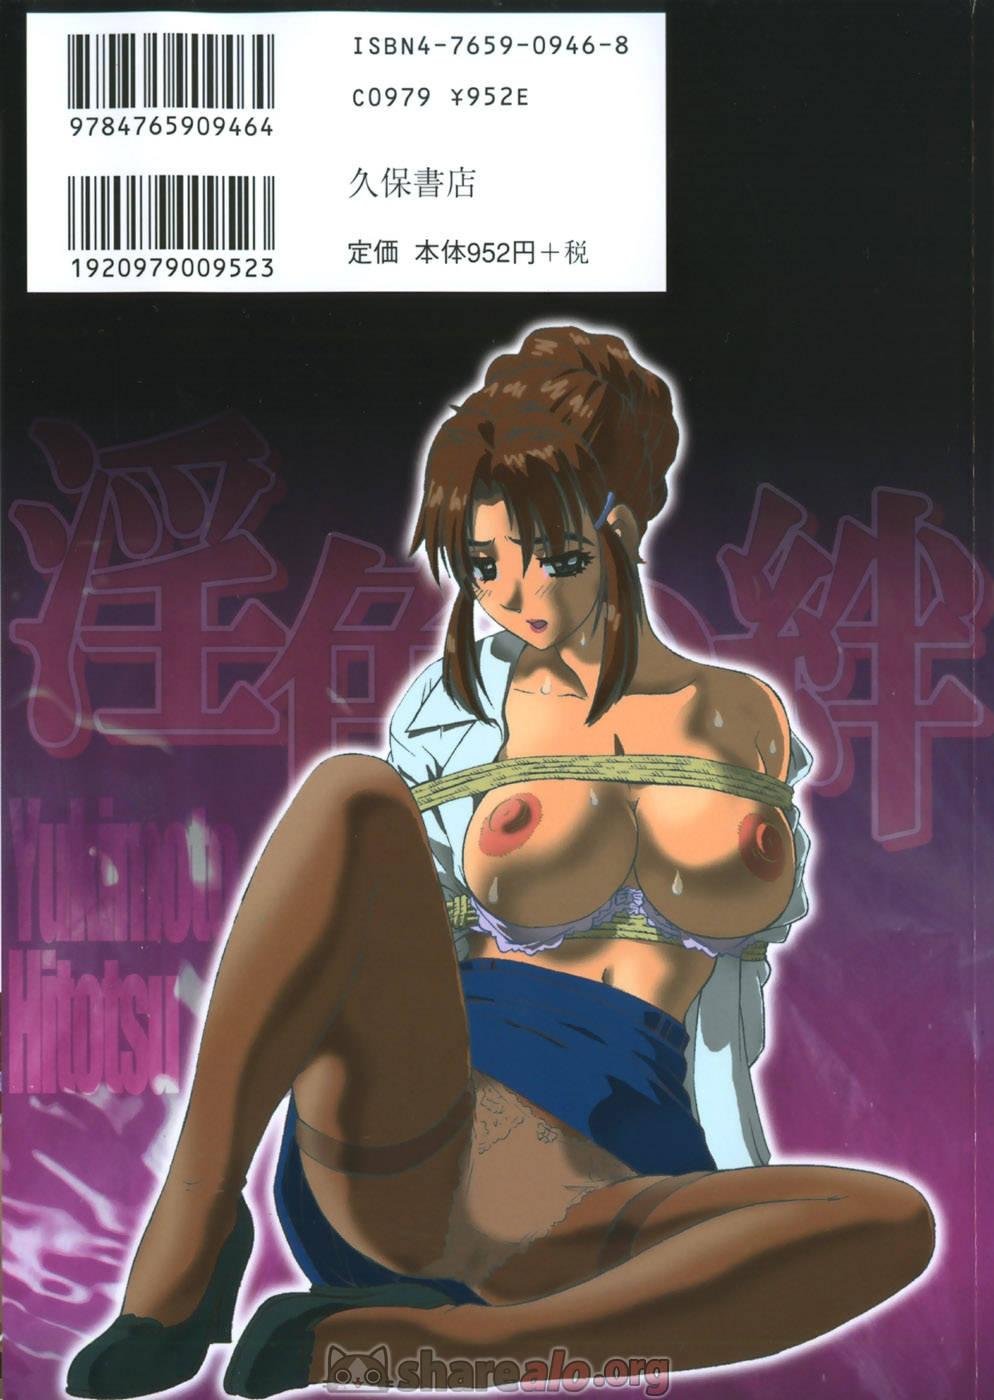 [ Inshoku no Kizuna Manga Hentai ]: Comics Porno Manga Hentai [ KphYUOSC ]